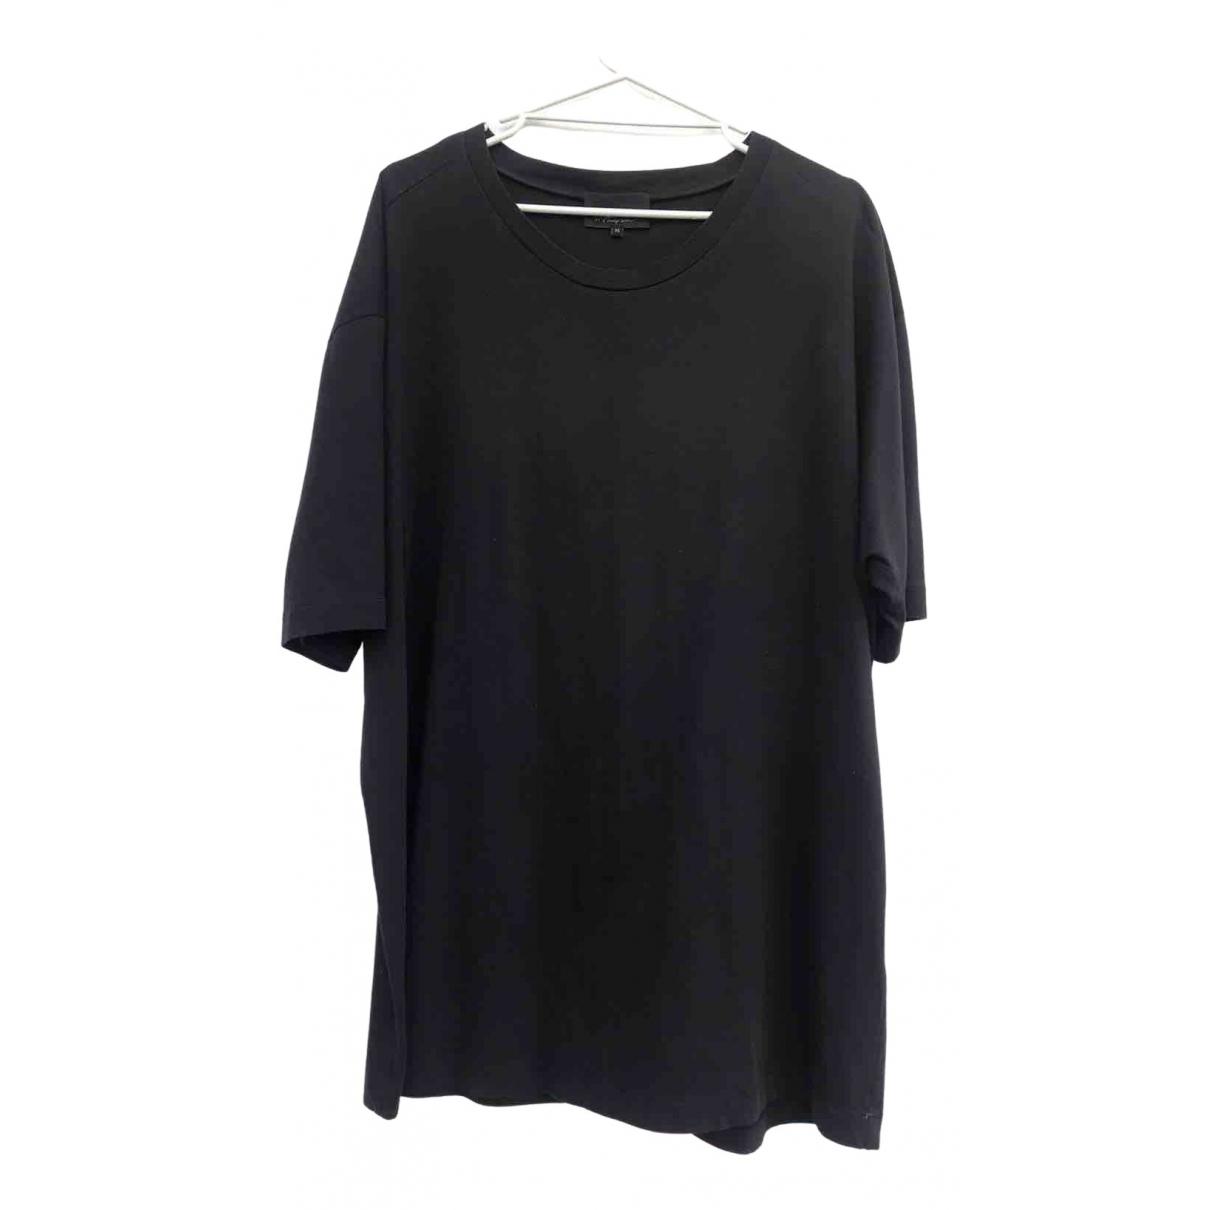 3.1 Phillip Lim - Tee shirts   pour homme en coton - noir